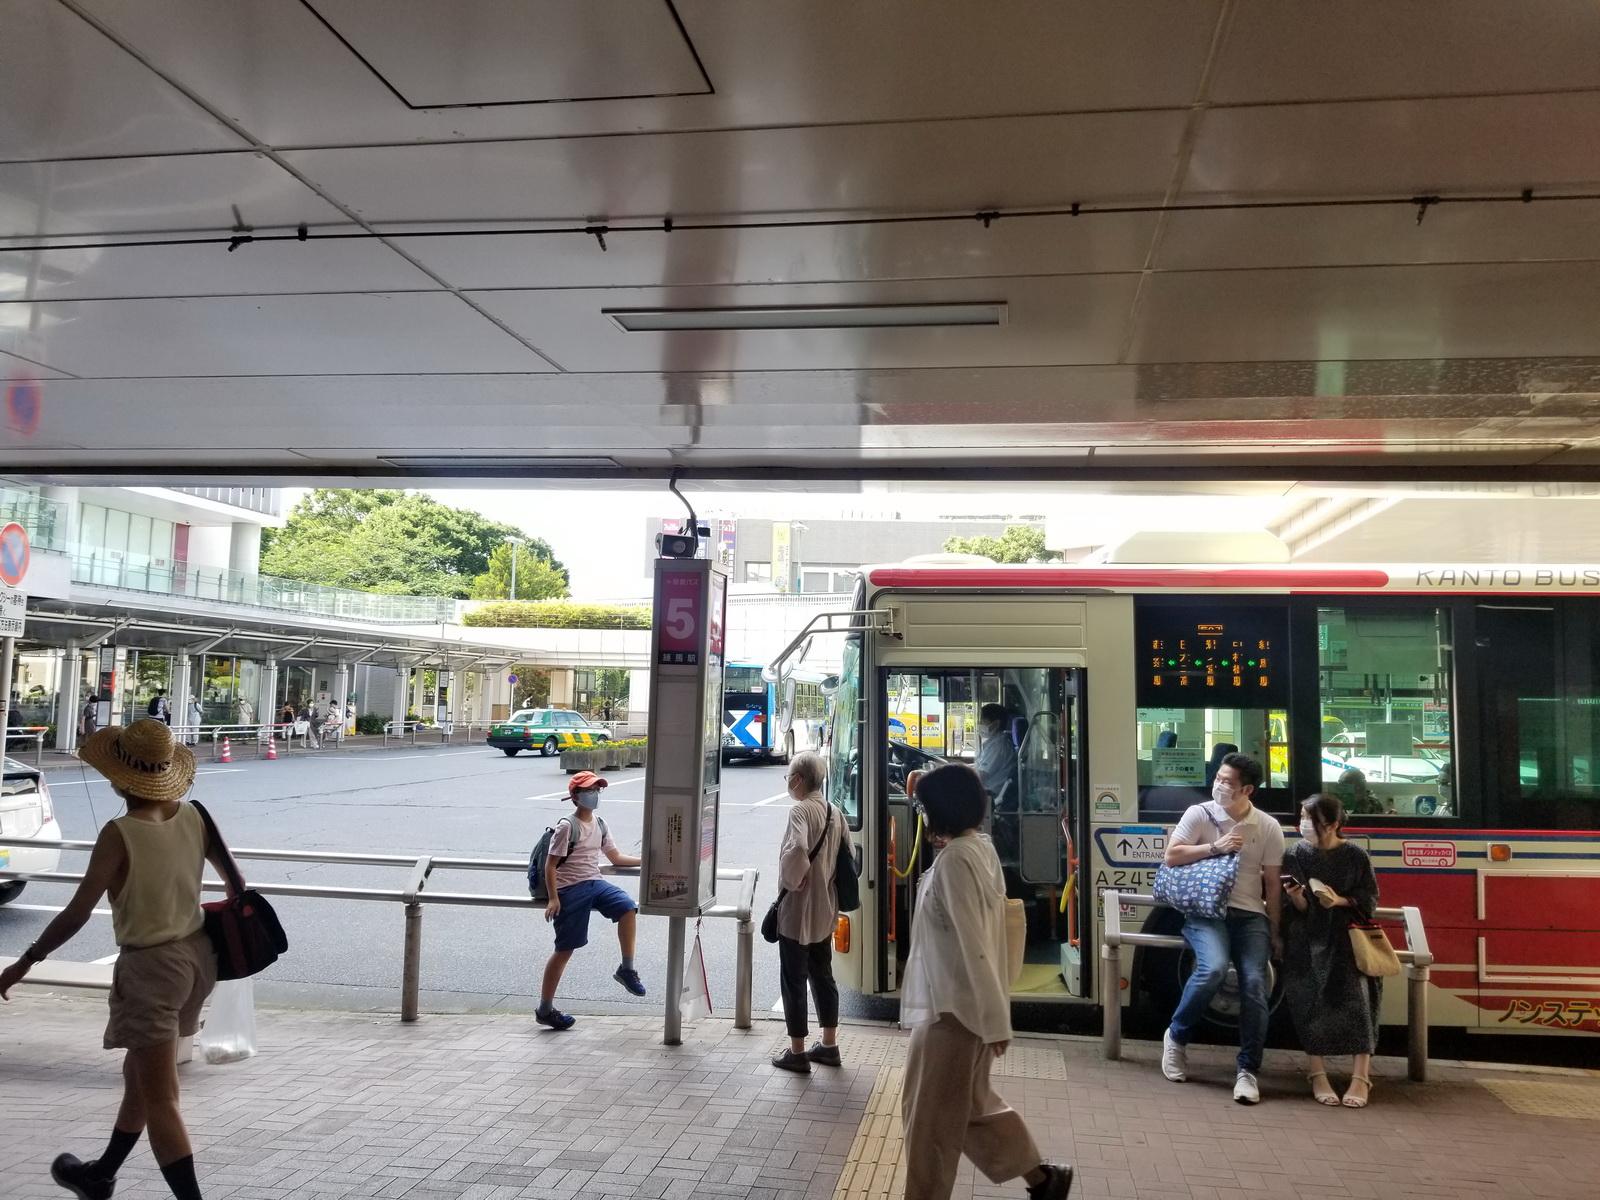 練馬駅のバスターミナル